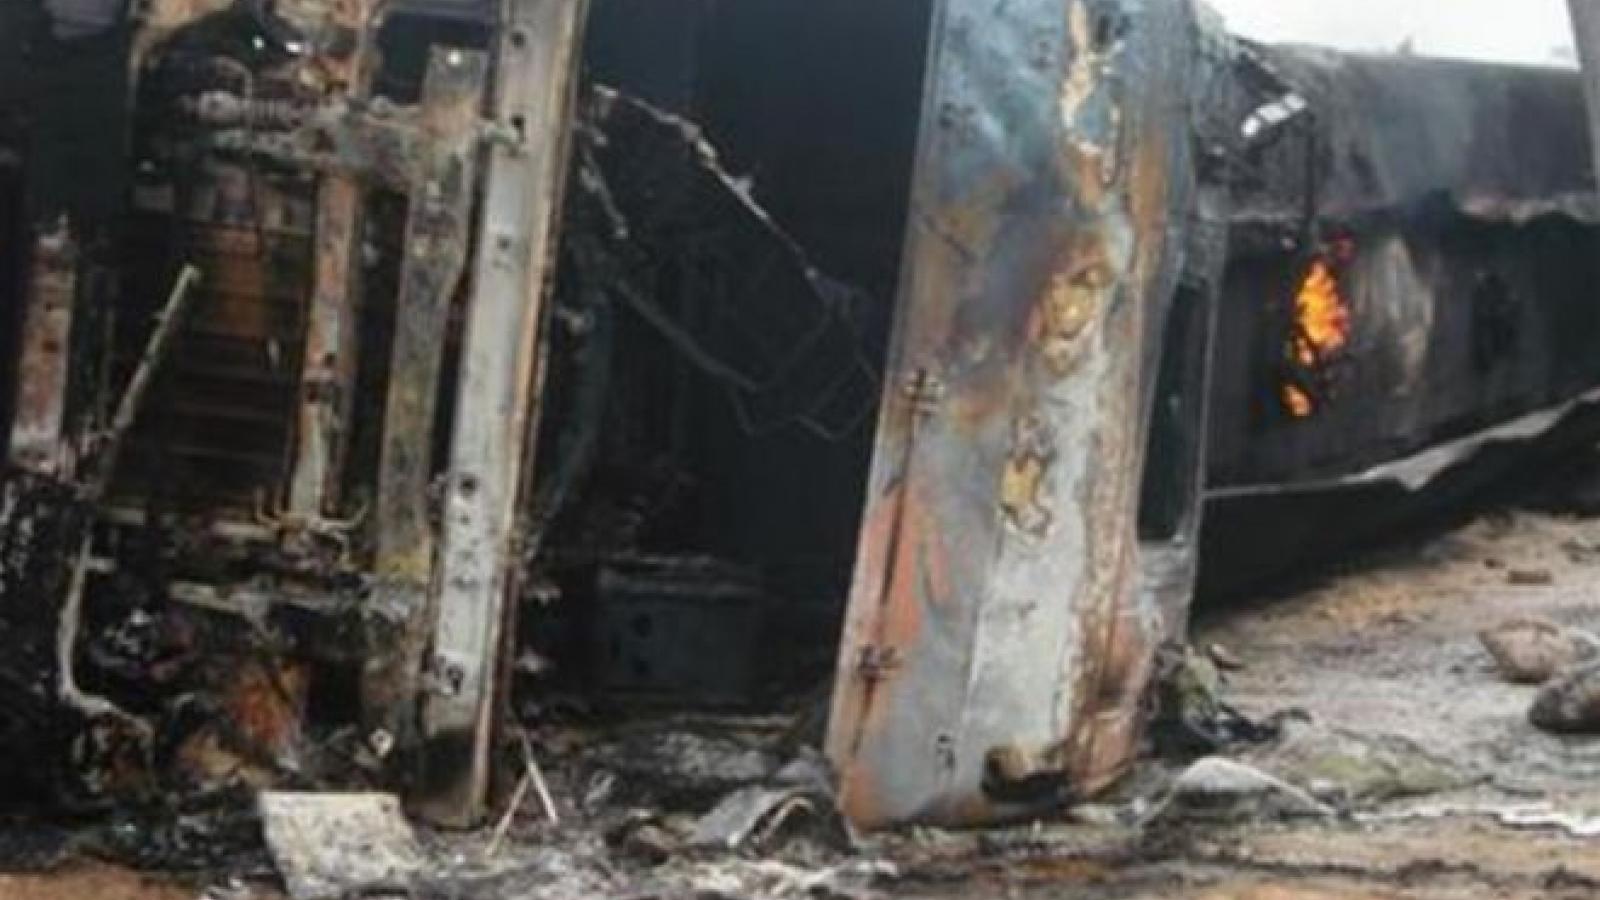 CHDC Congo: Tai nạn giao thông nghiêm trọng, 25 người thiệt mạng